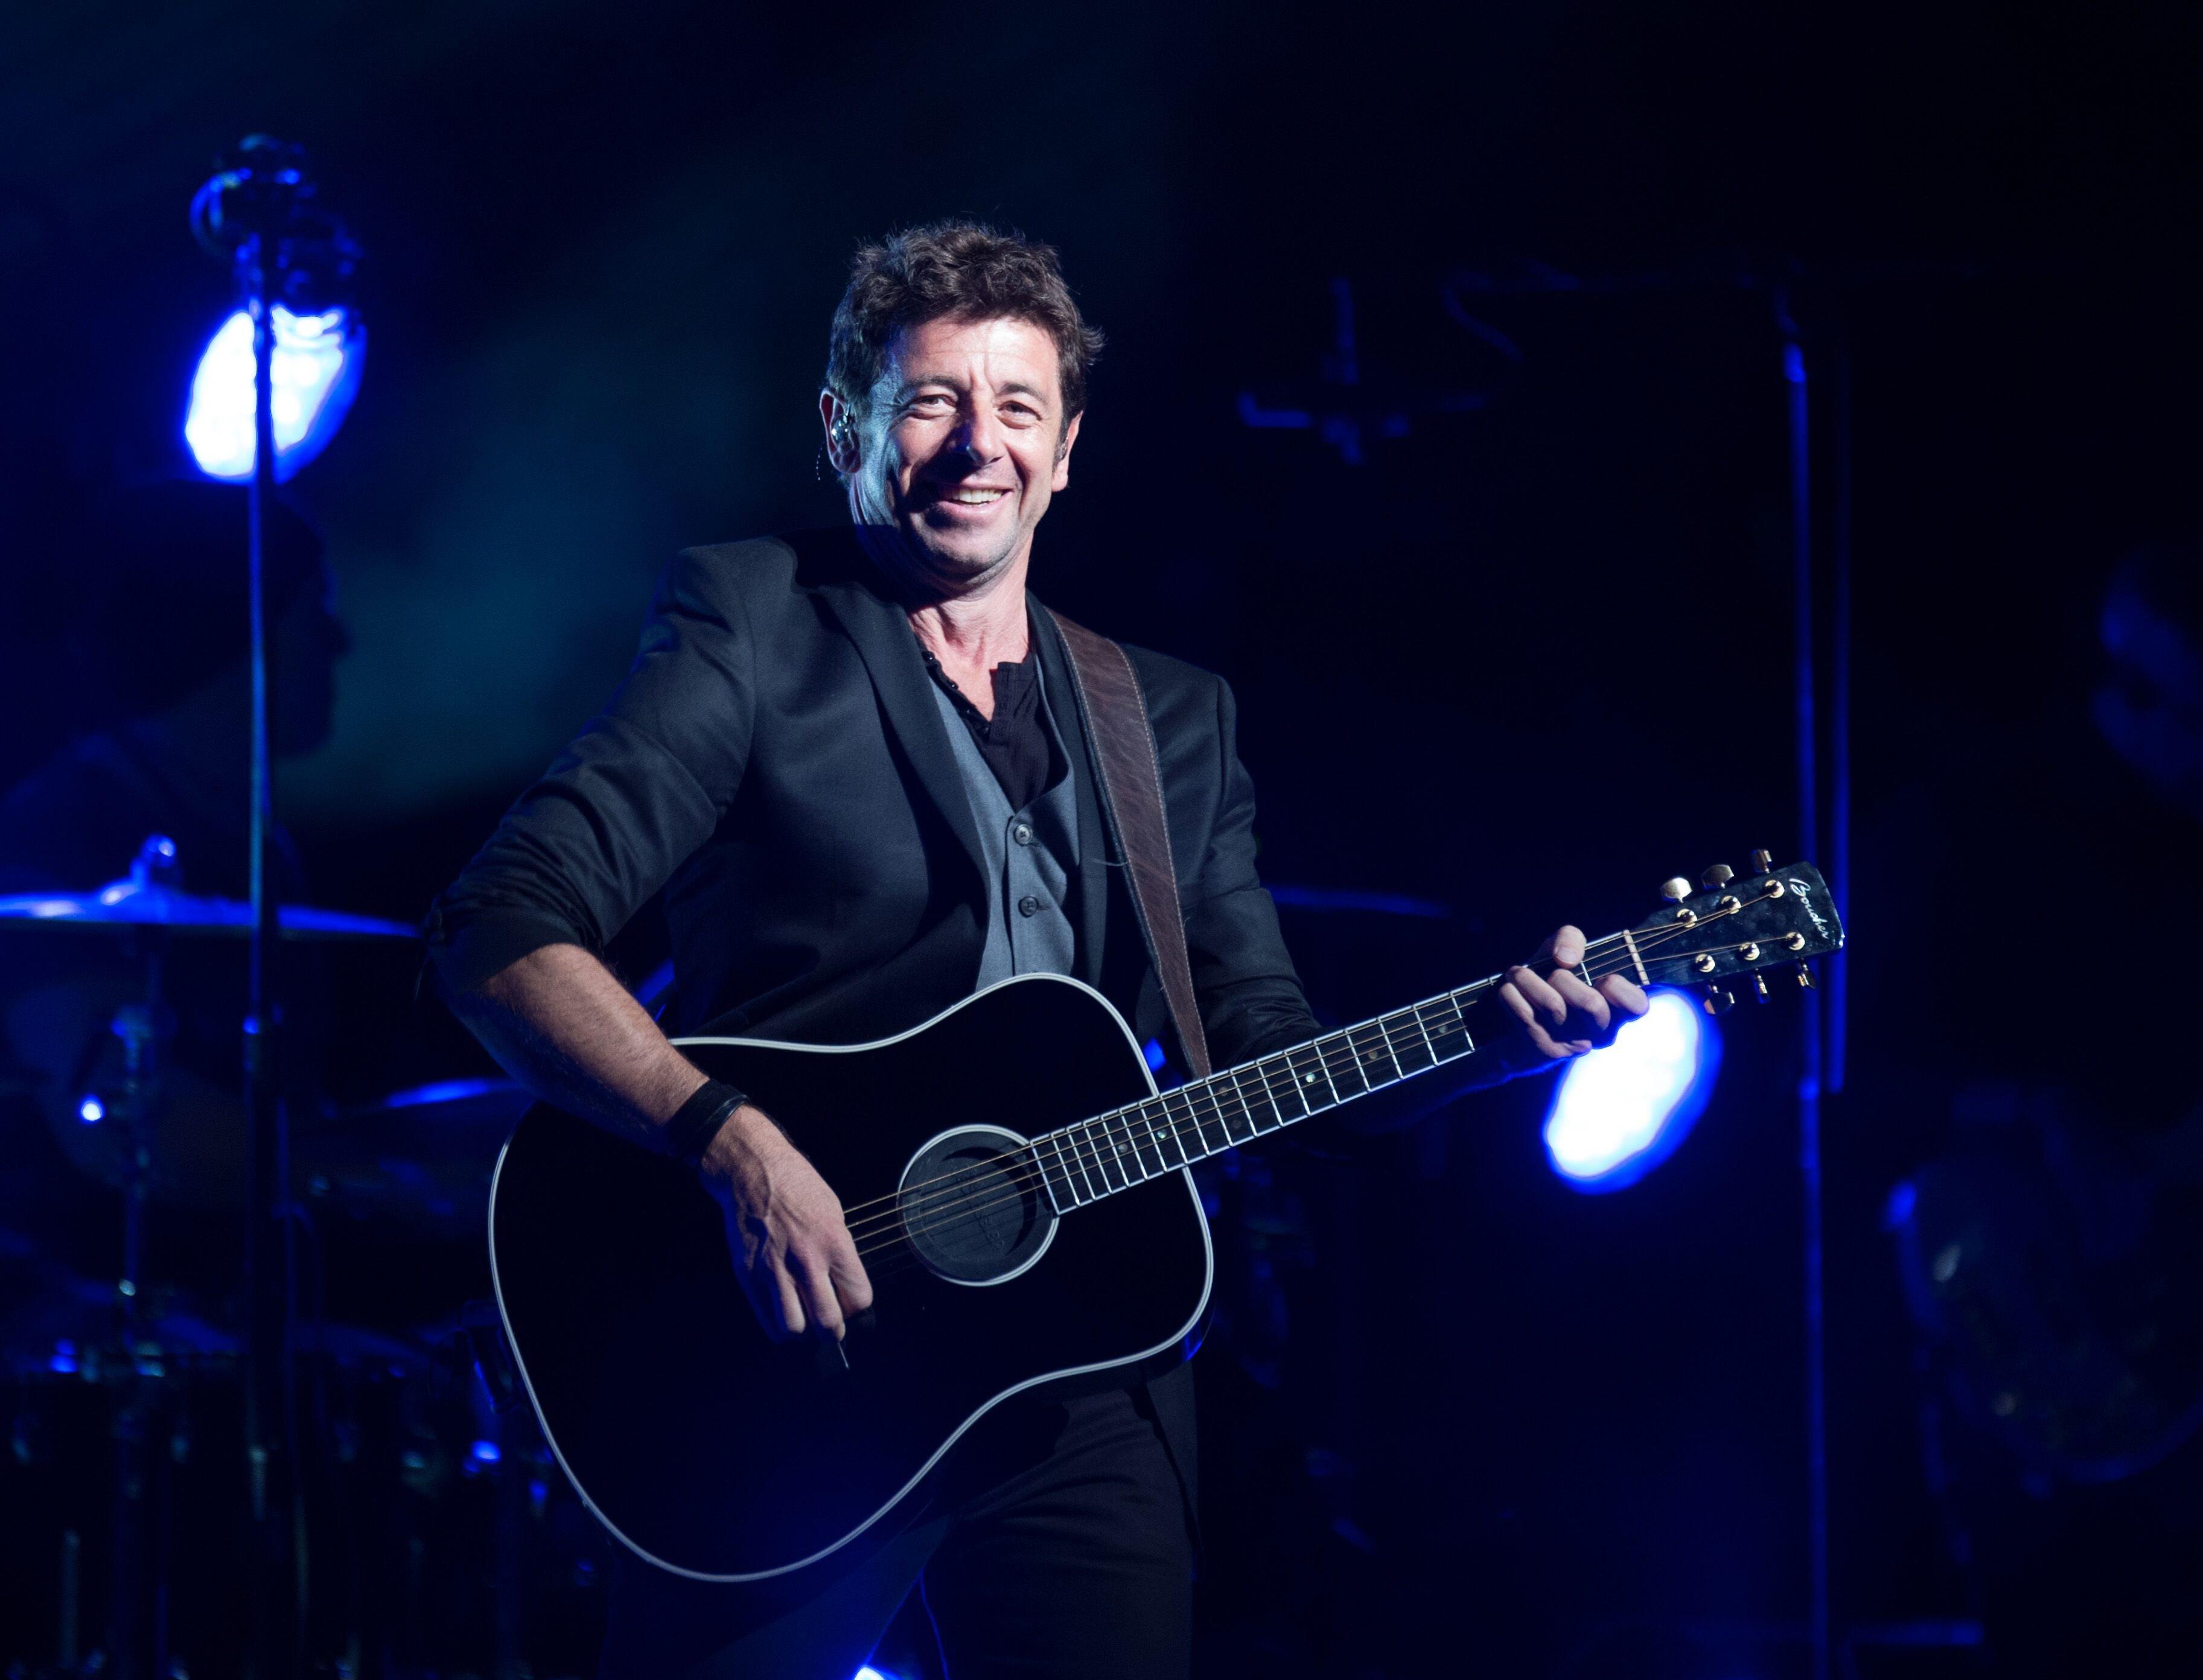 Le chanteur Patrick Bruel en concert. l Source : Getty Images